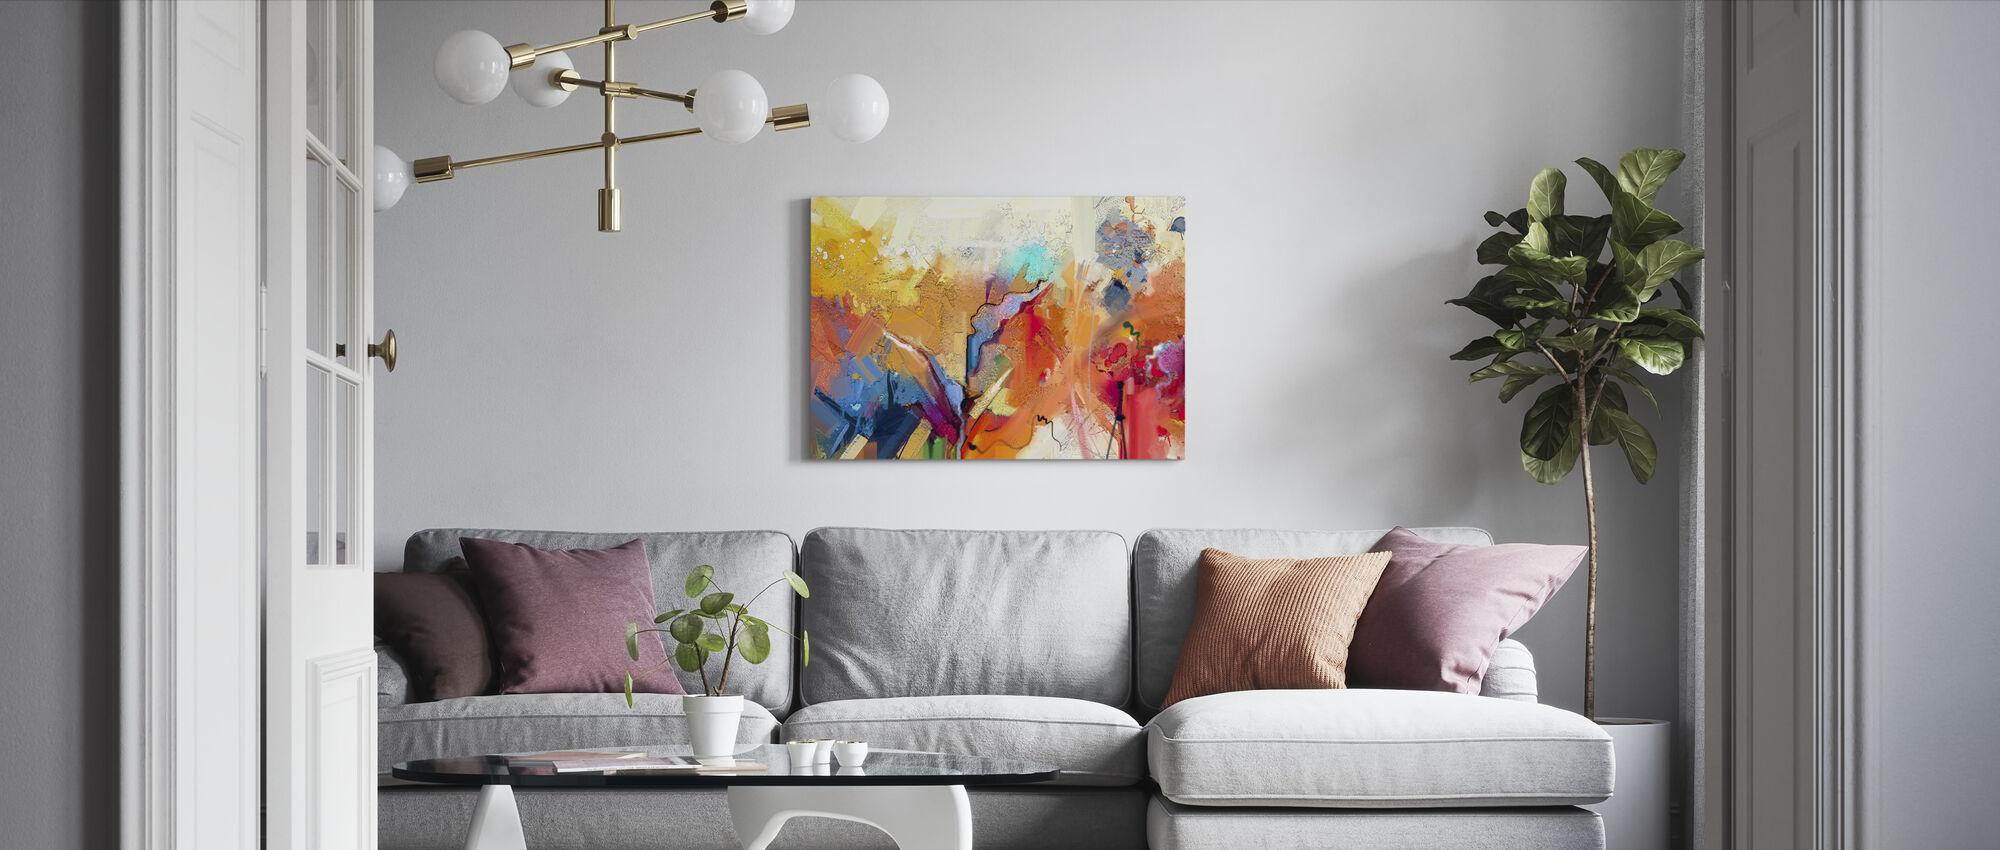 Kleurrijk Abstract Schilderij - Canvas print - Woonkamer